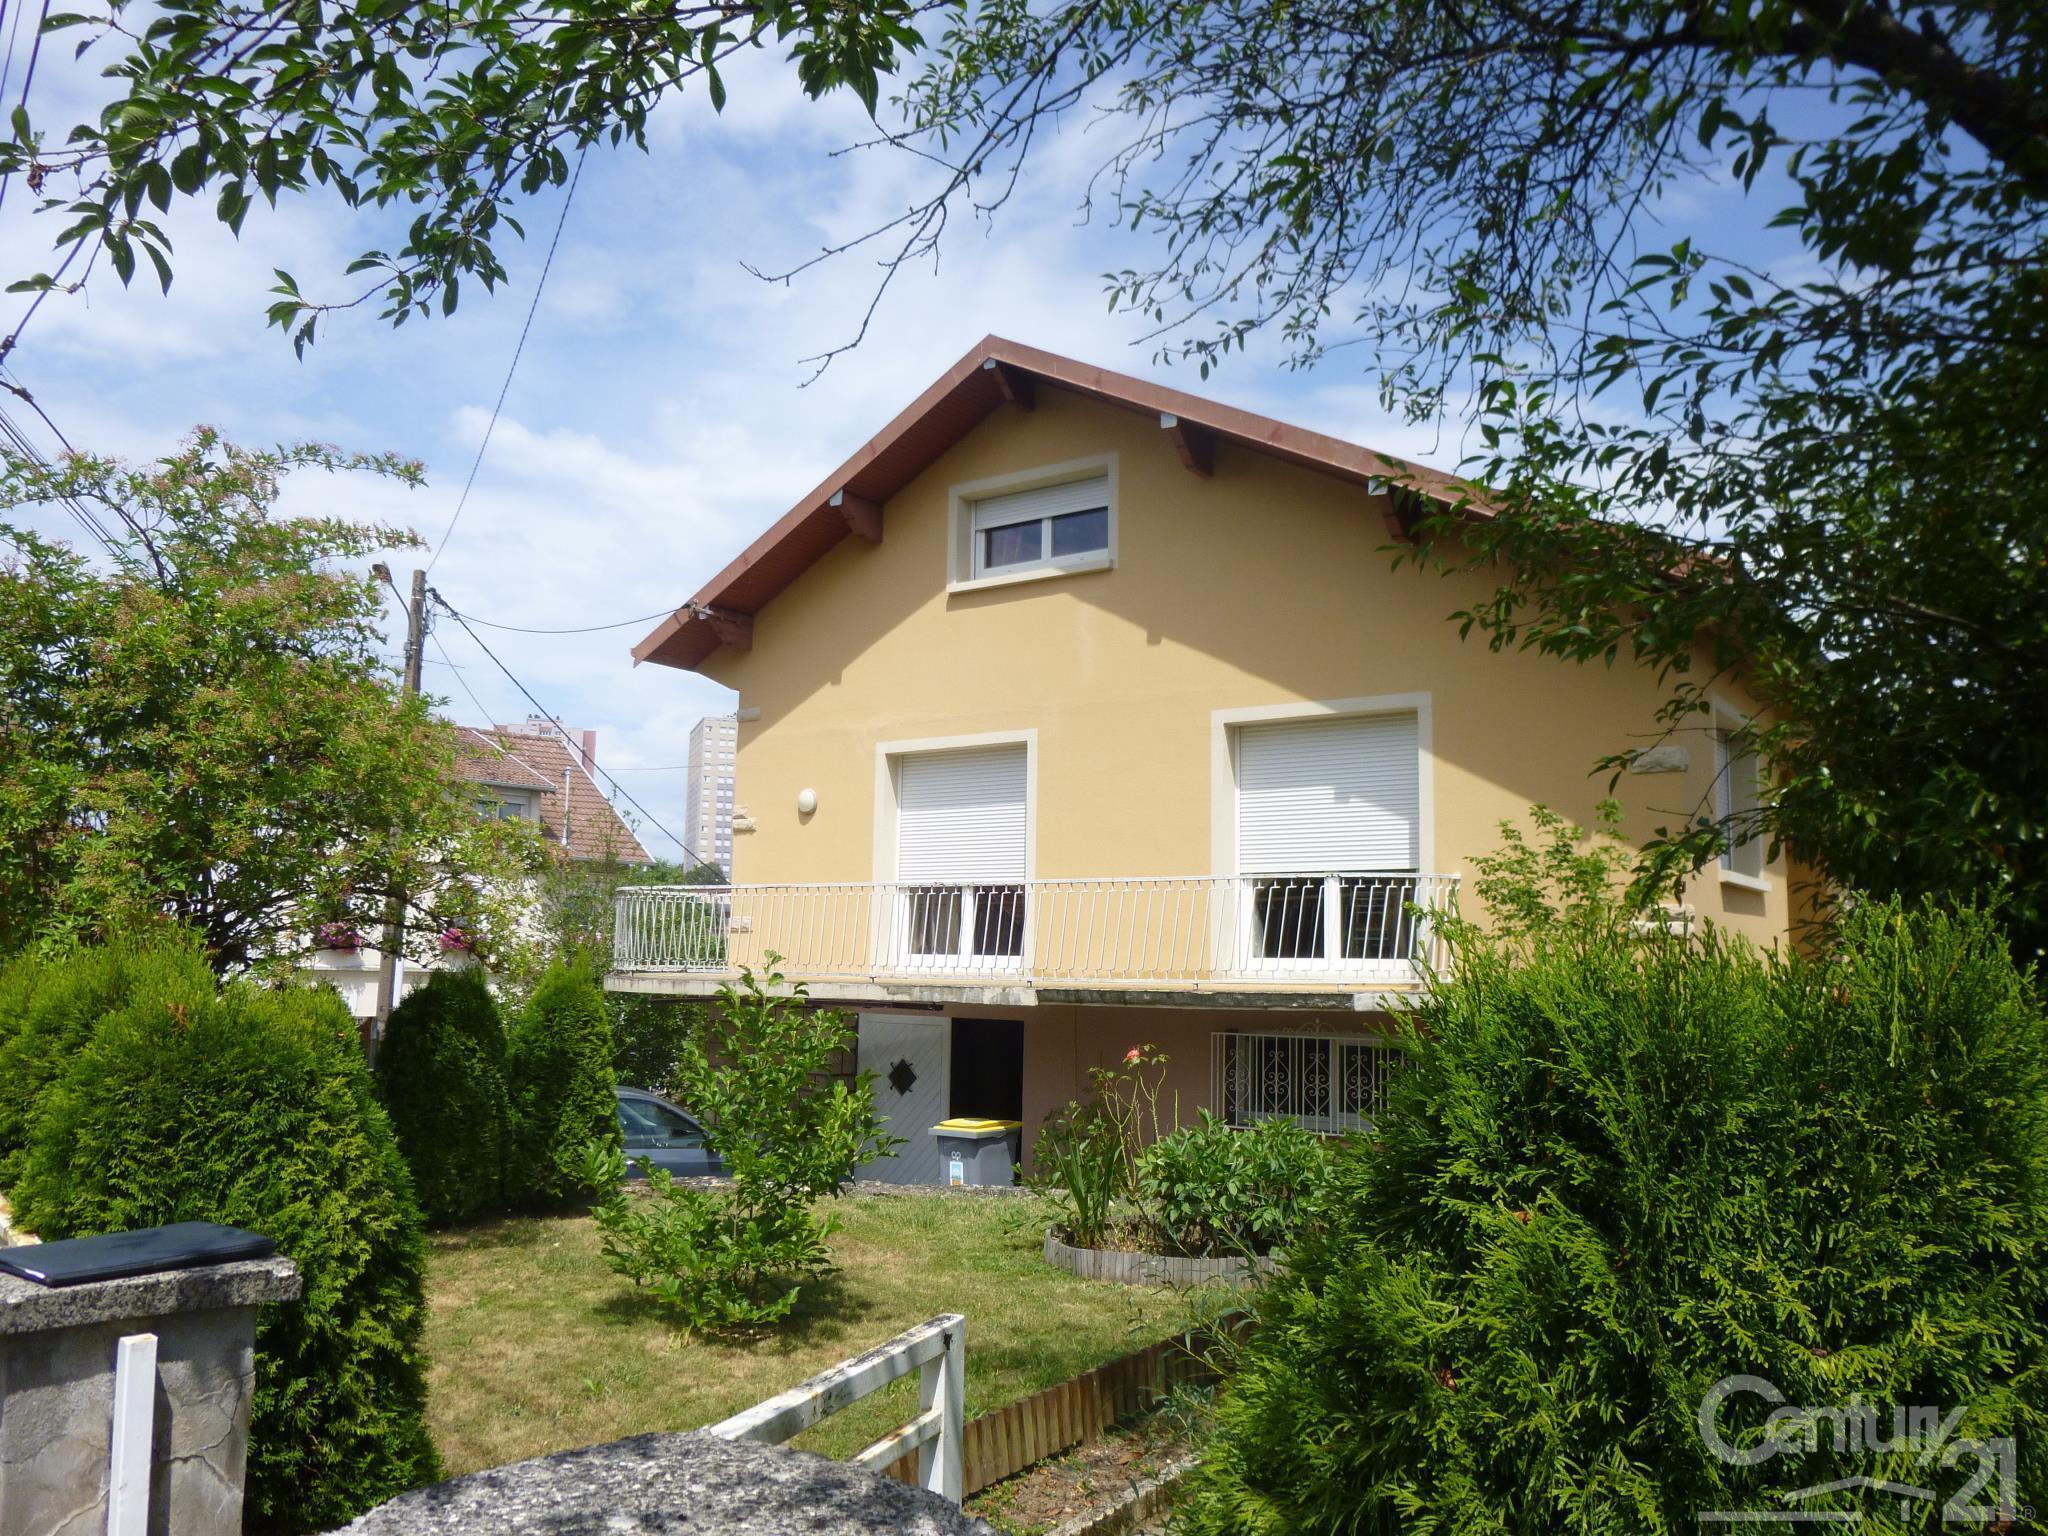 Annonce location maison bavilliers 90800 140 m 1 135 for Annonces location maison